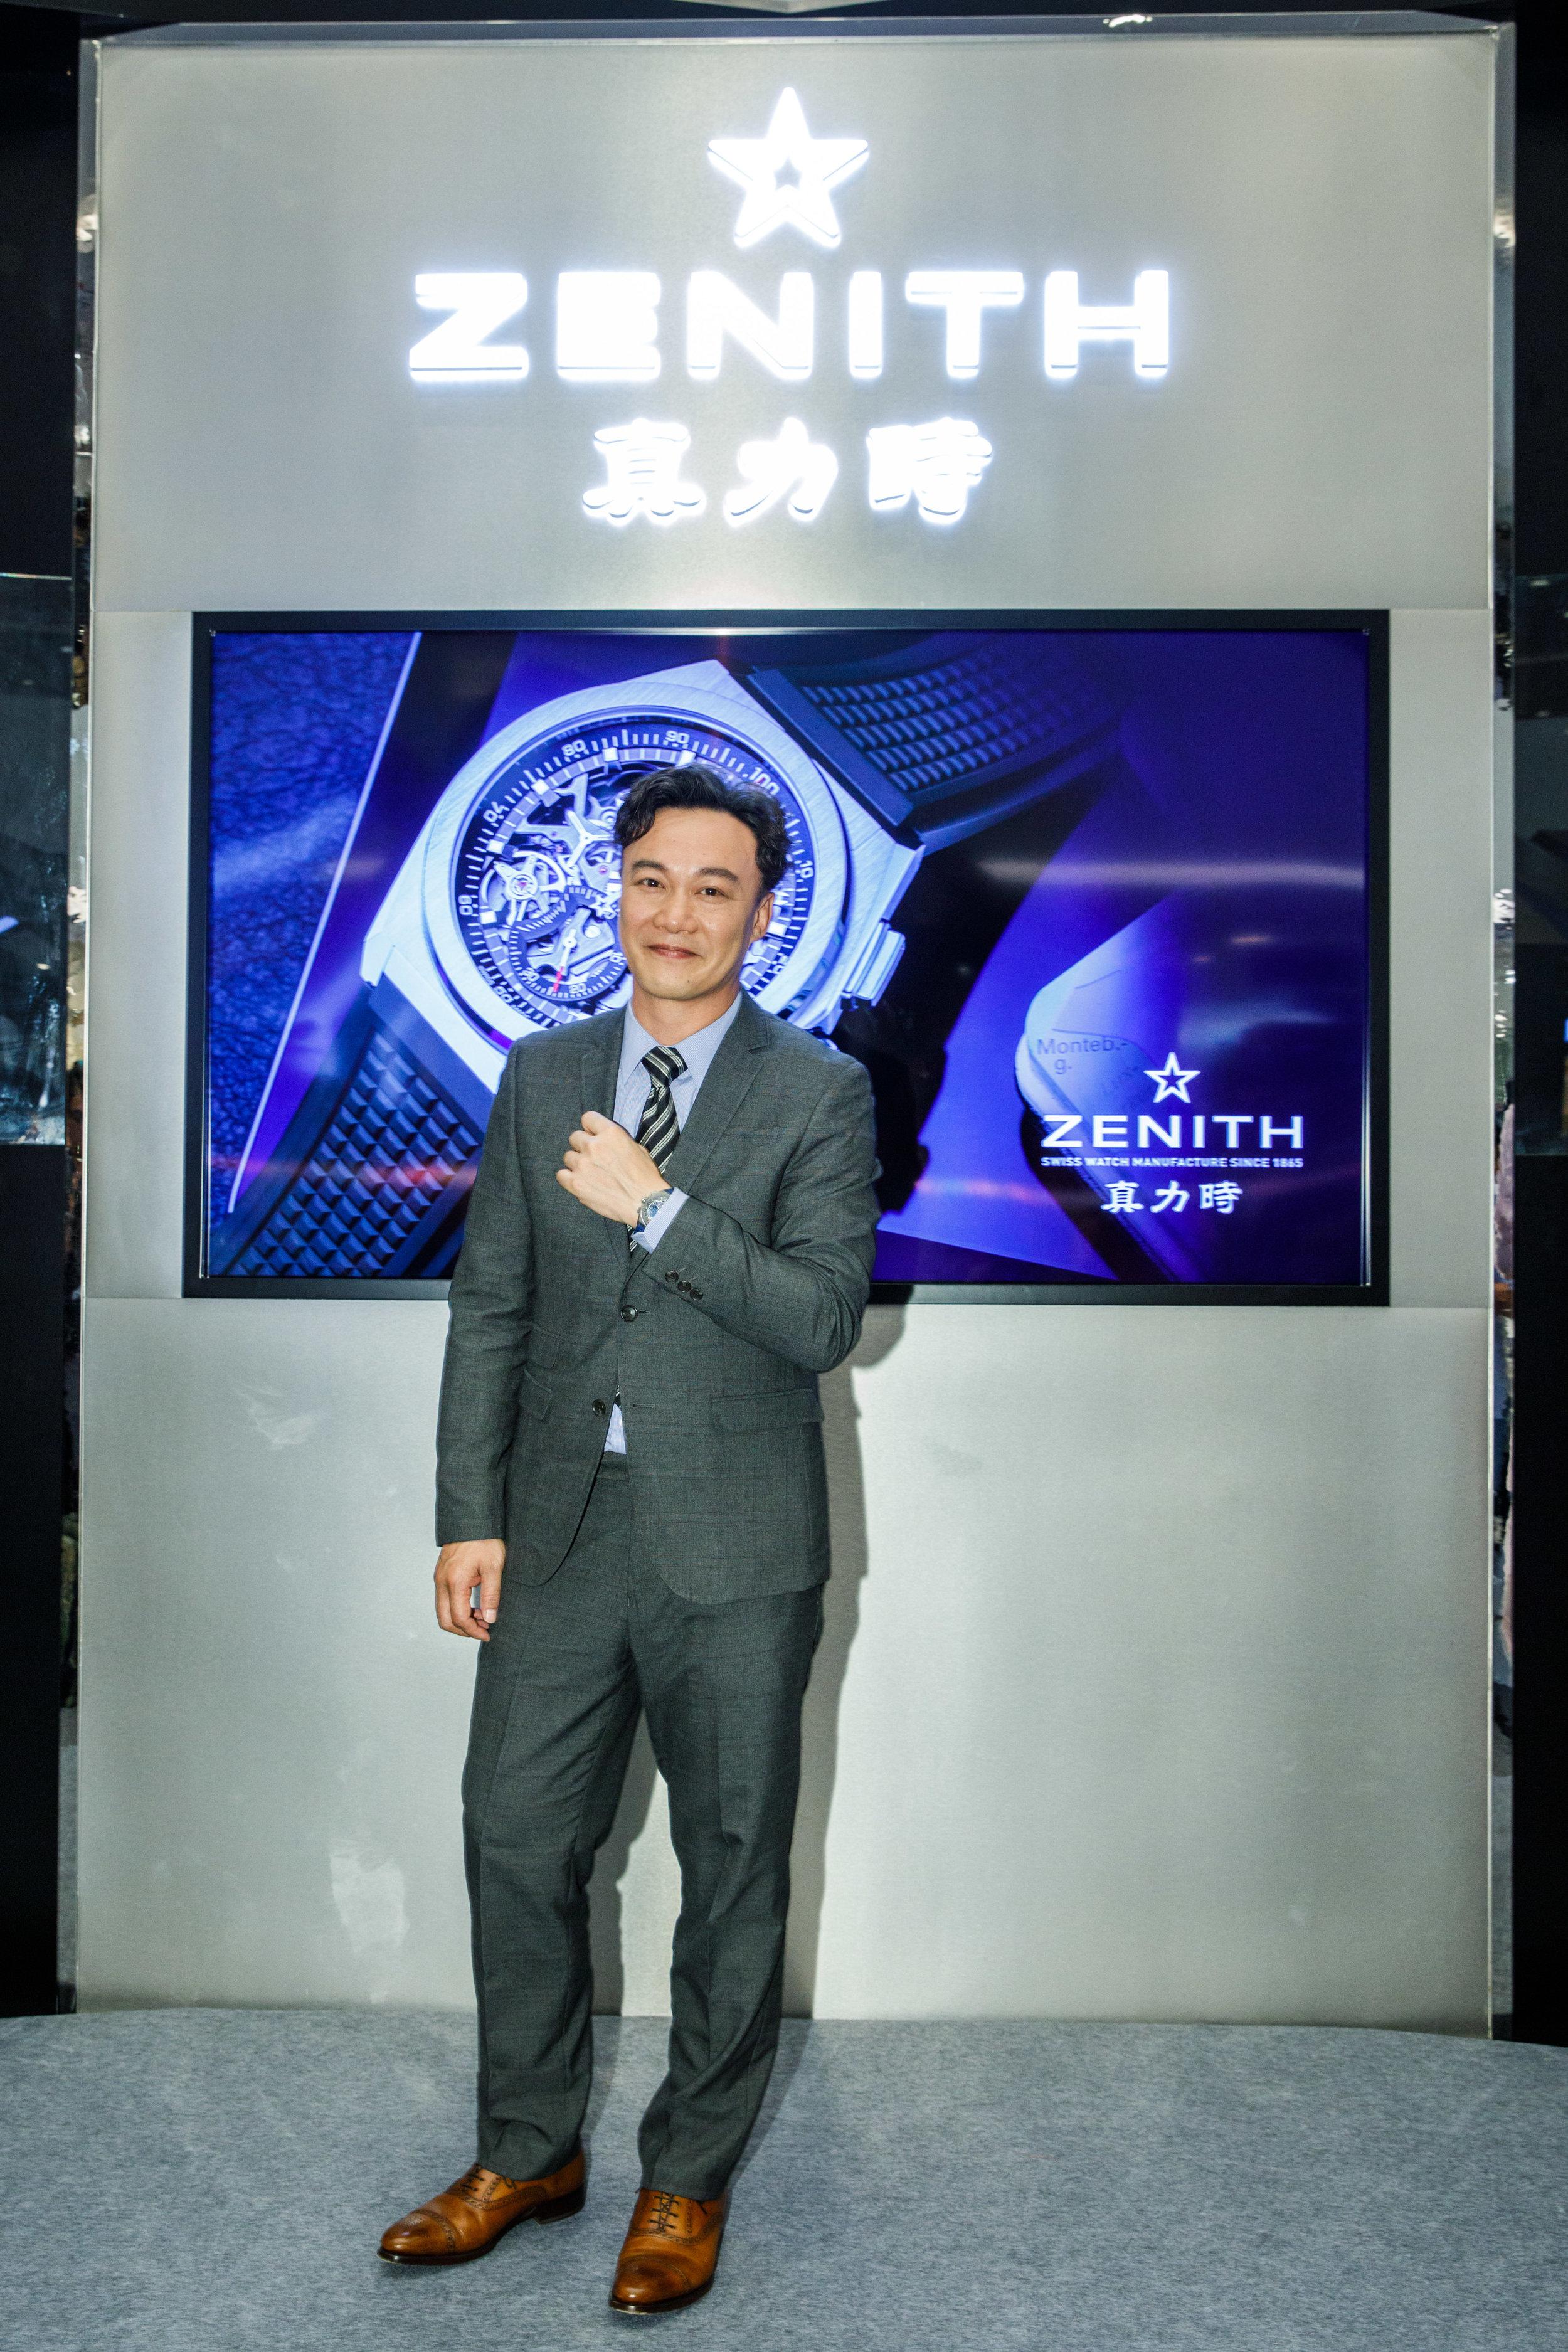 Zenith Event-Eason Chan_Michael CW Chiu-3.jpg